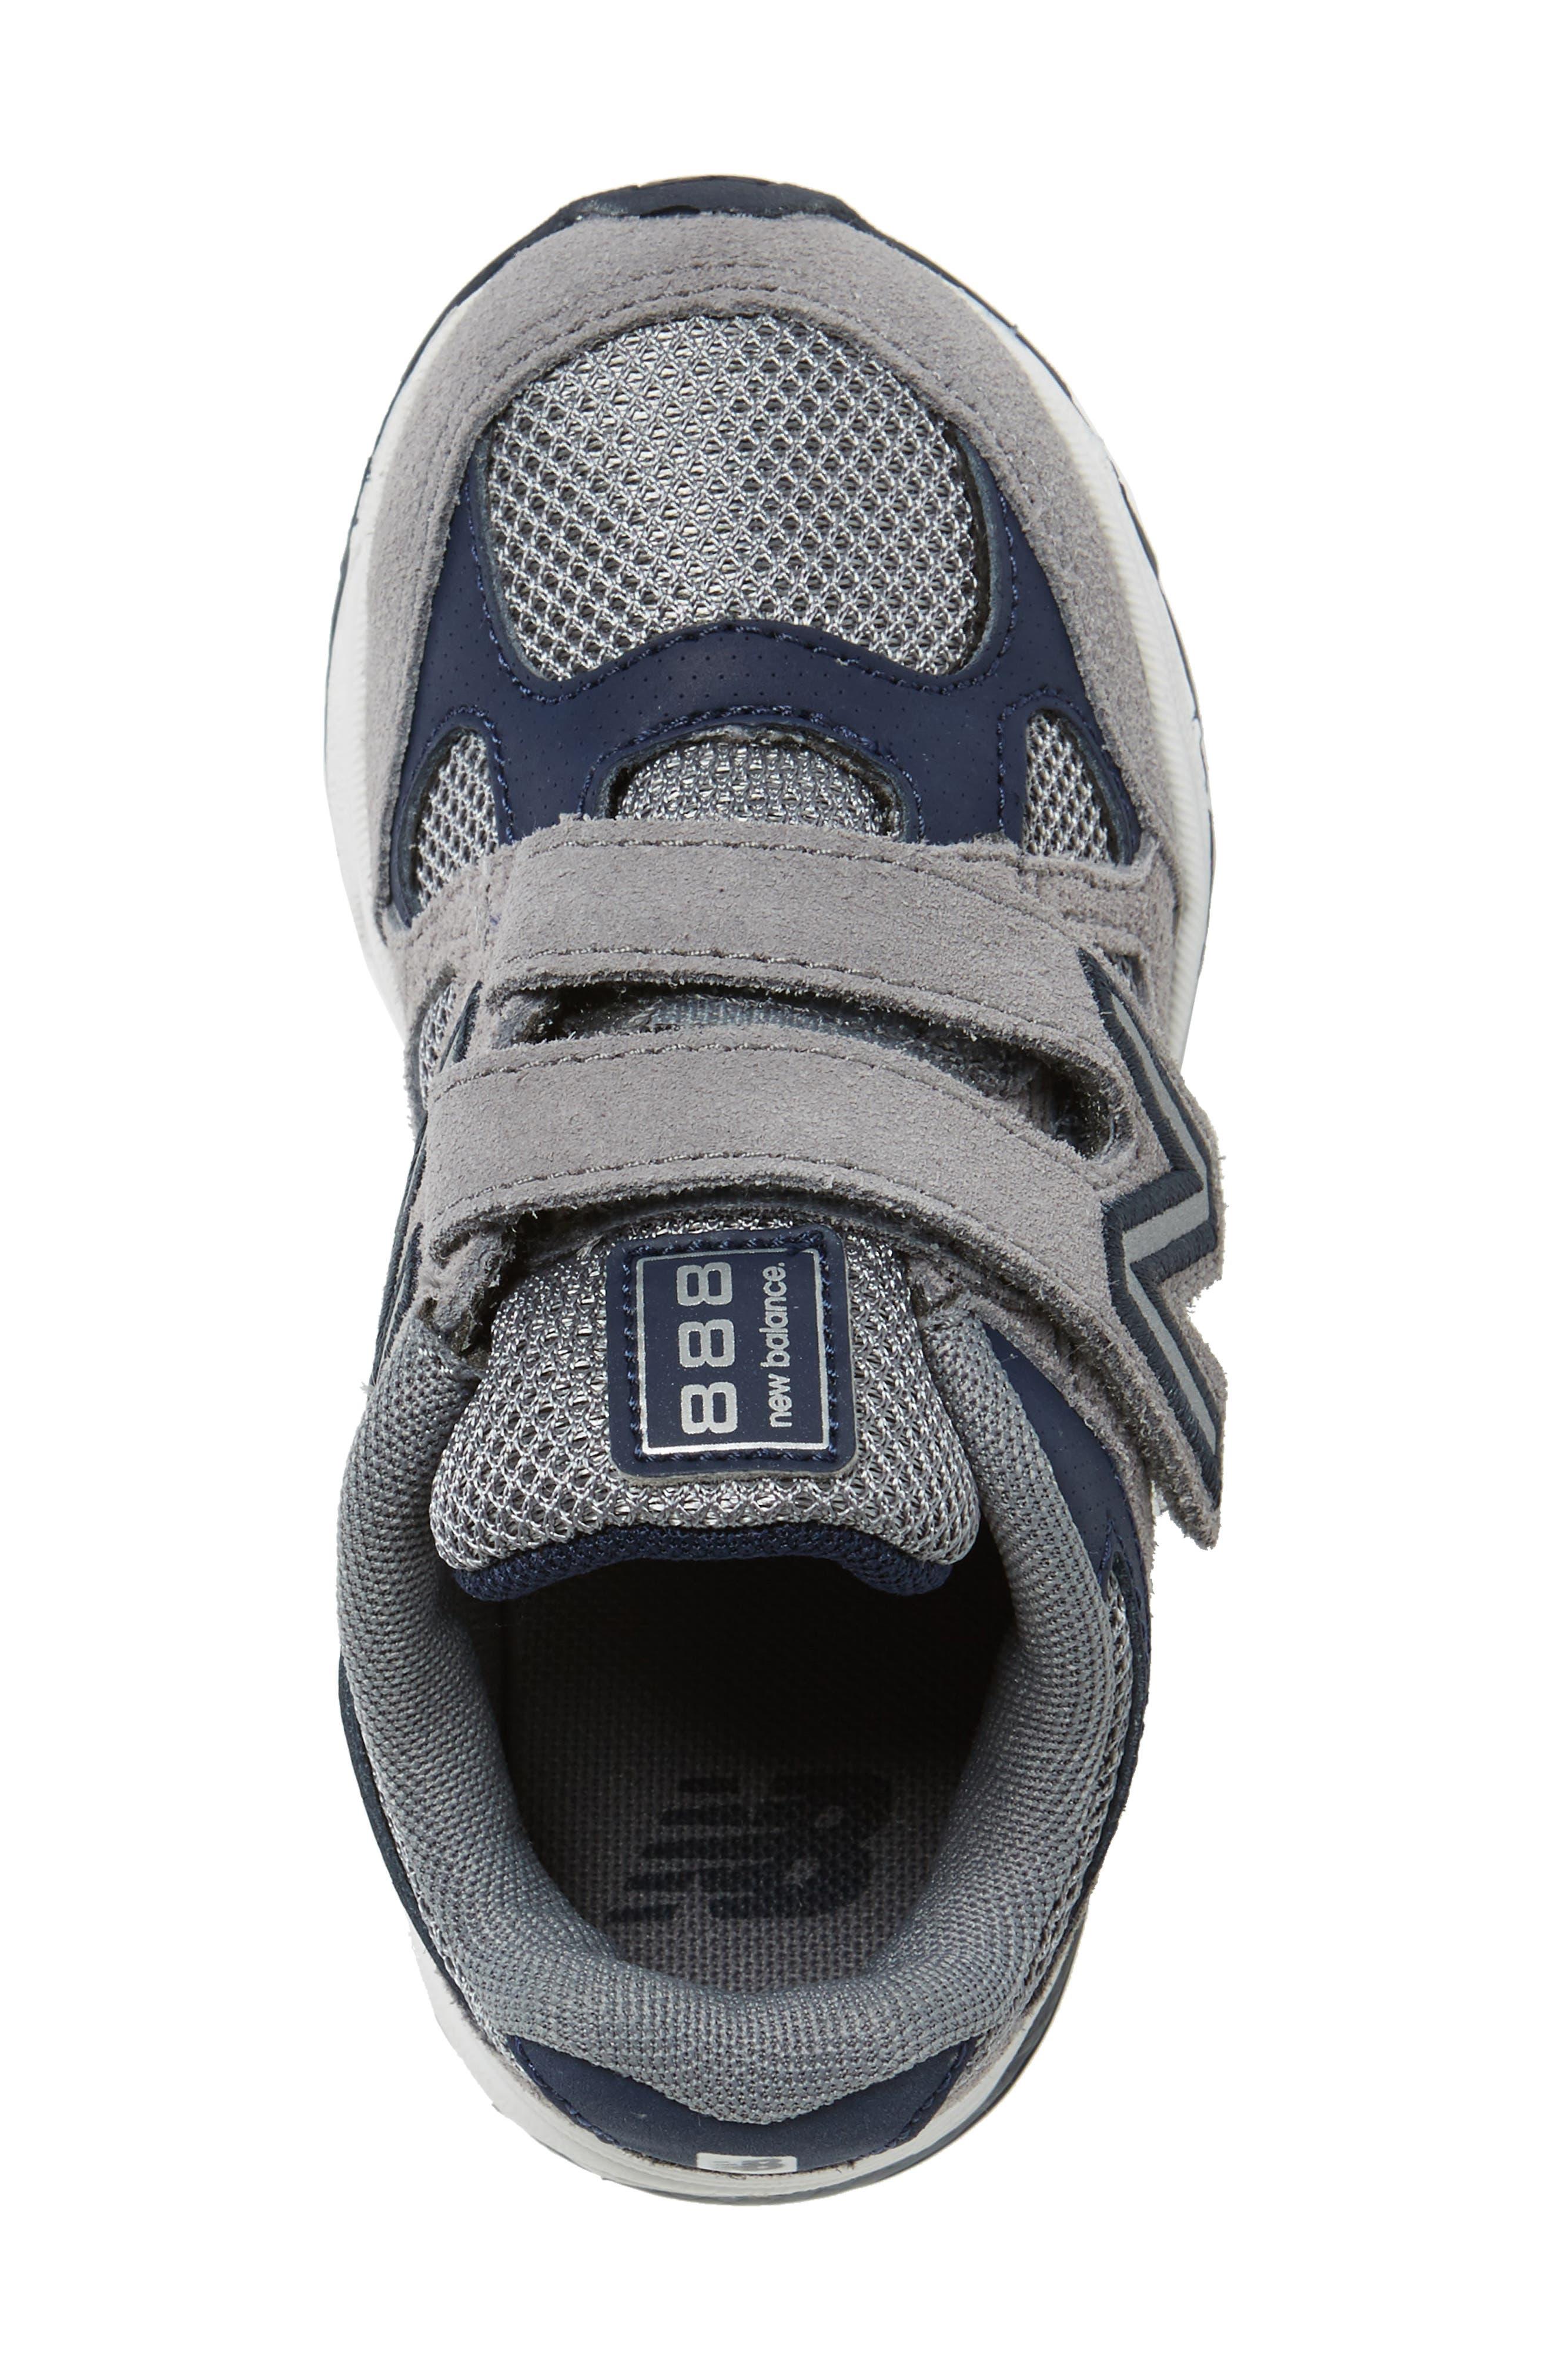 Alternate Image 3  - New Balance 888 Sneaker (Baby, Walker, Toddler & Little Kid)